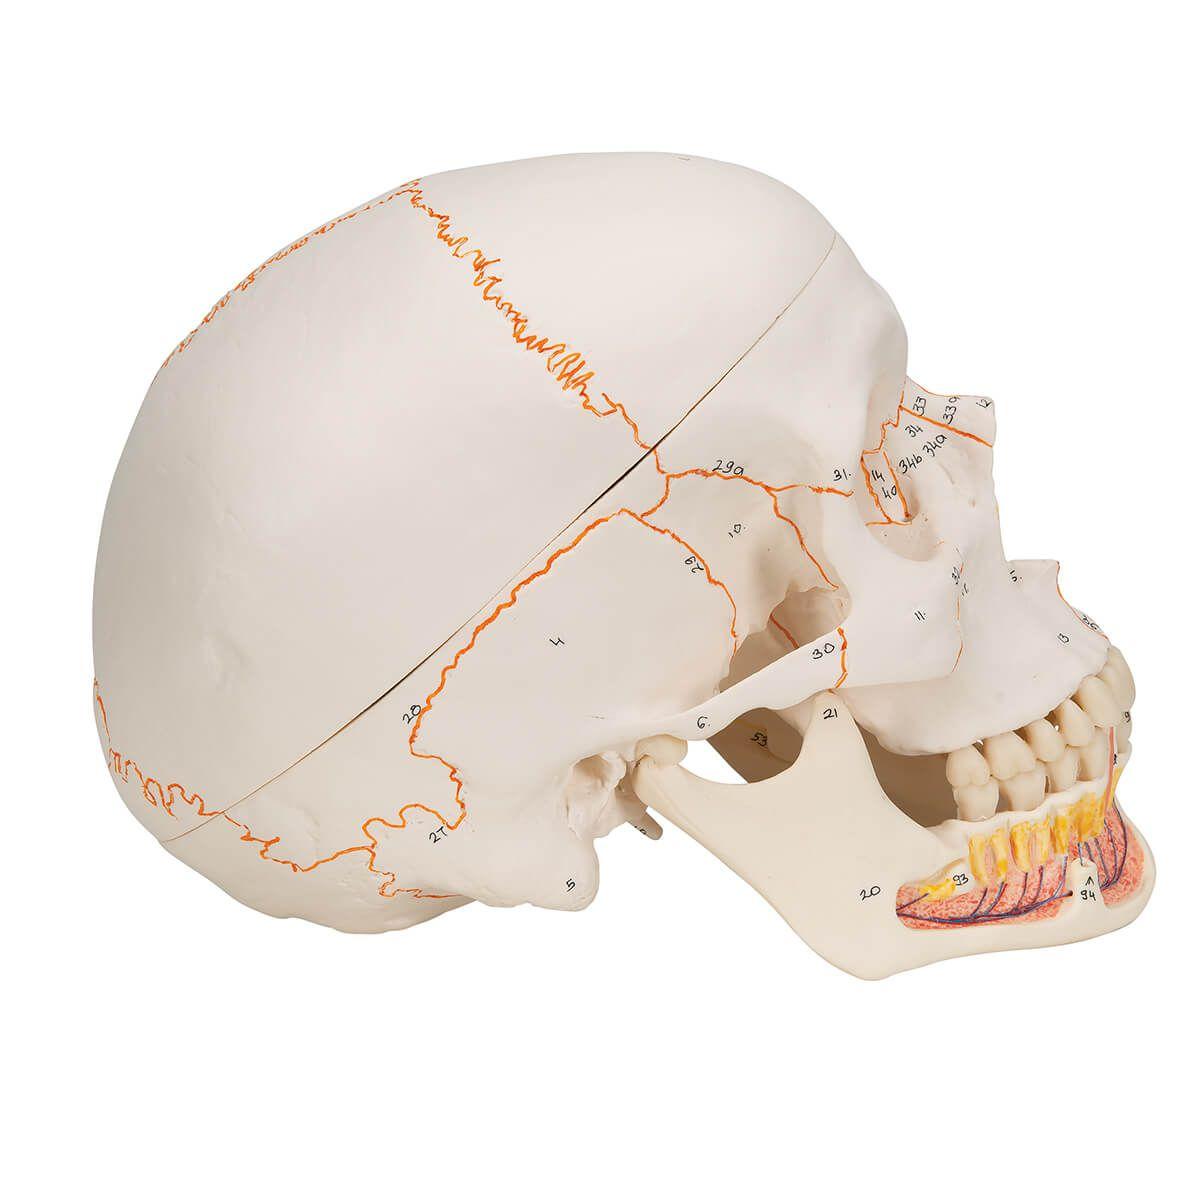 Crânio Clássico com Mandíbula Aberta Estruturas Numeradas, 3 Parte